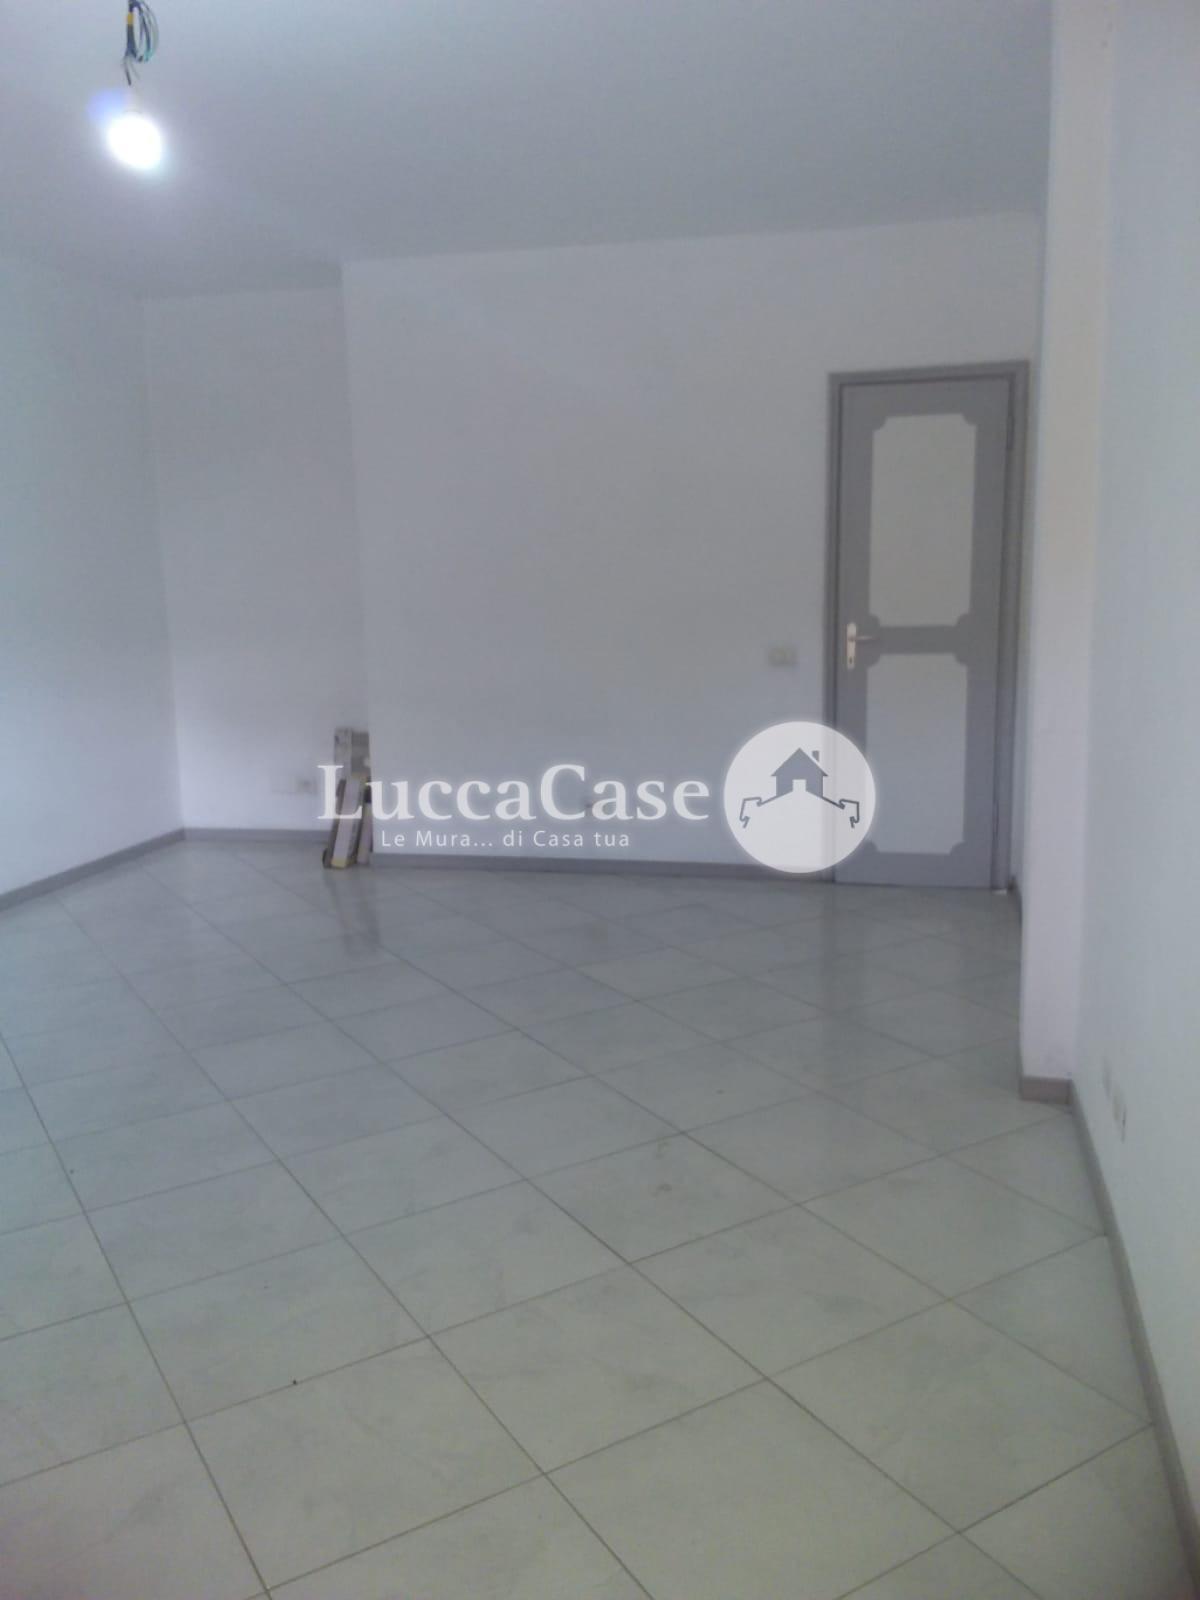 Locale comm.le/Fondo in affitto commerciale, rif. EF007R